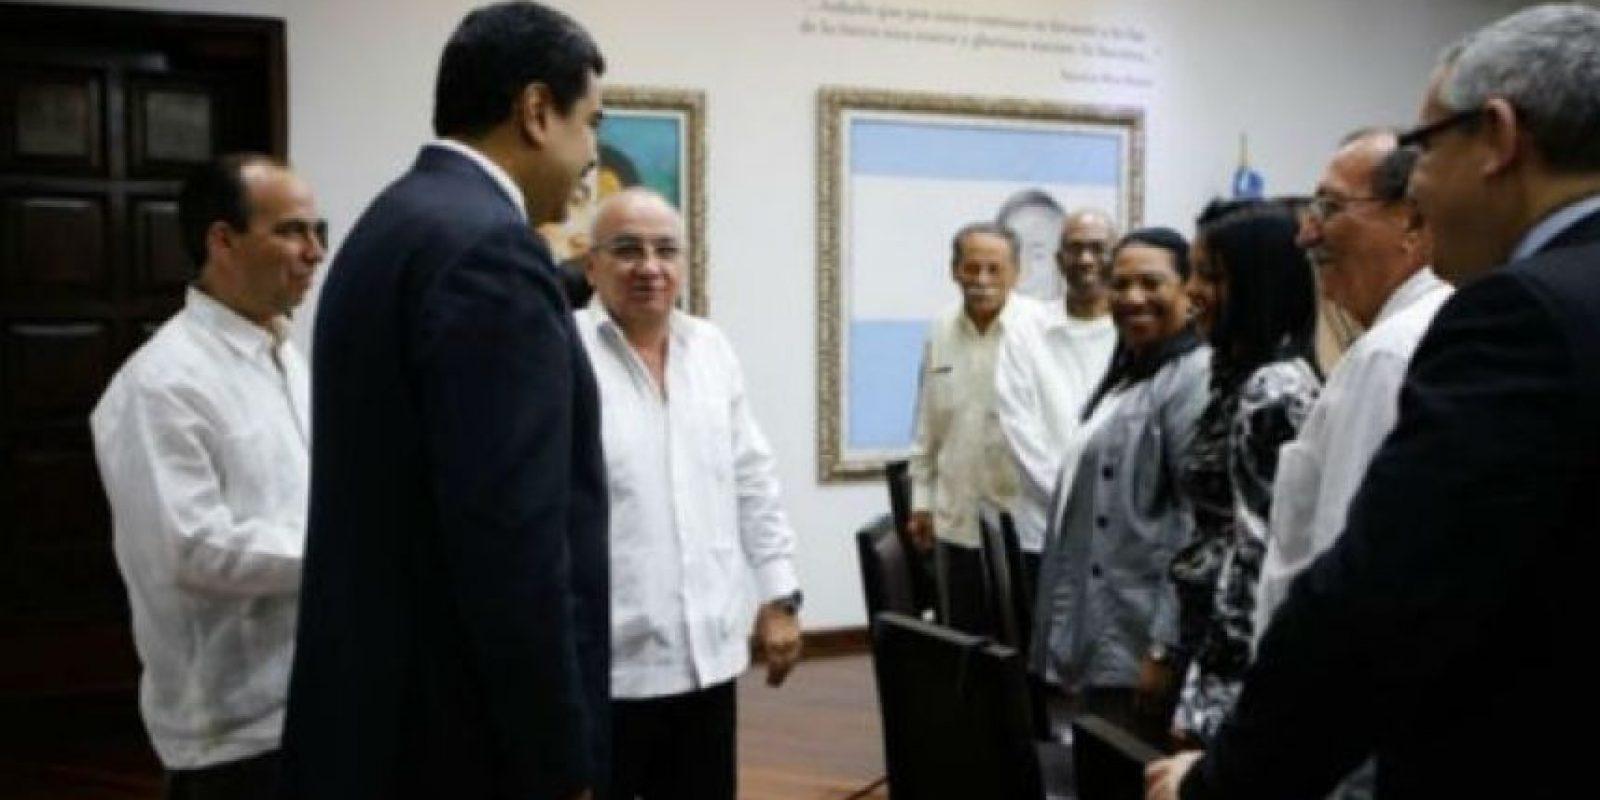 Con lo que Maduro perdió la Asamblea Nacional y ahora diversos sectores quieren su destitución . Foto:twitter.com/NicolasMaduro